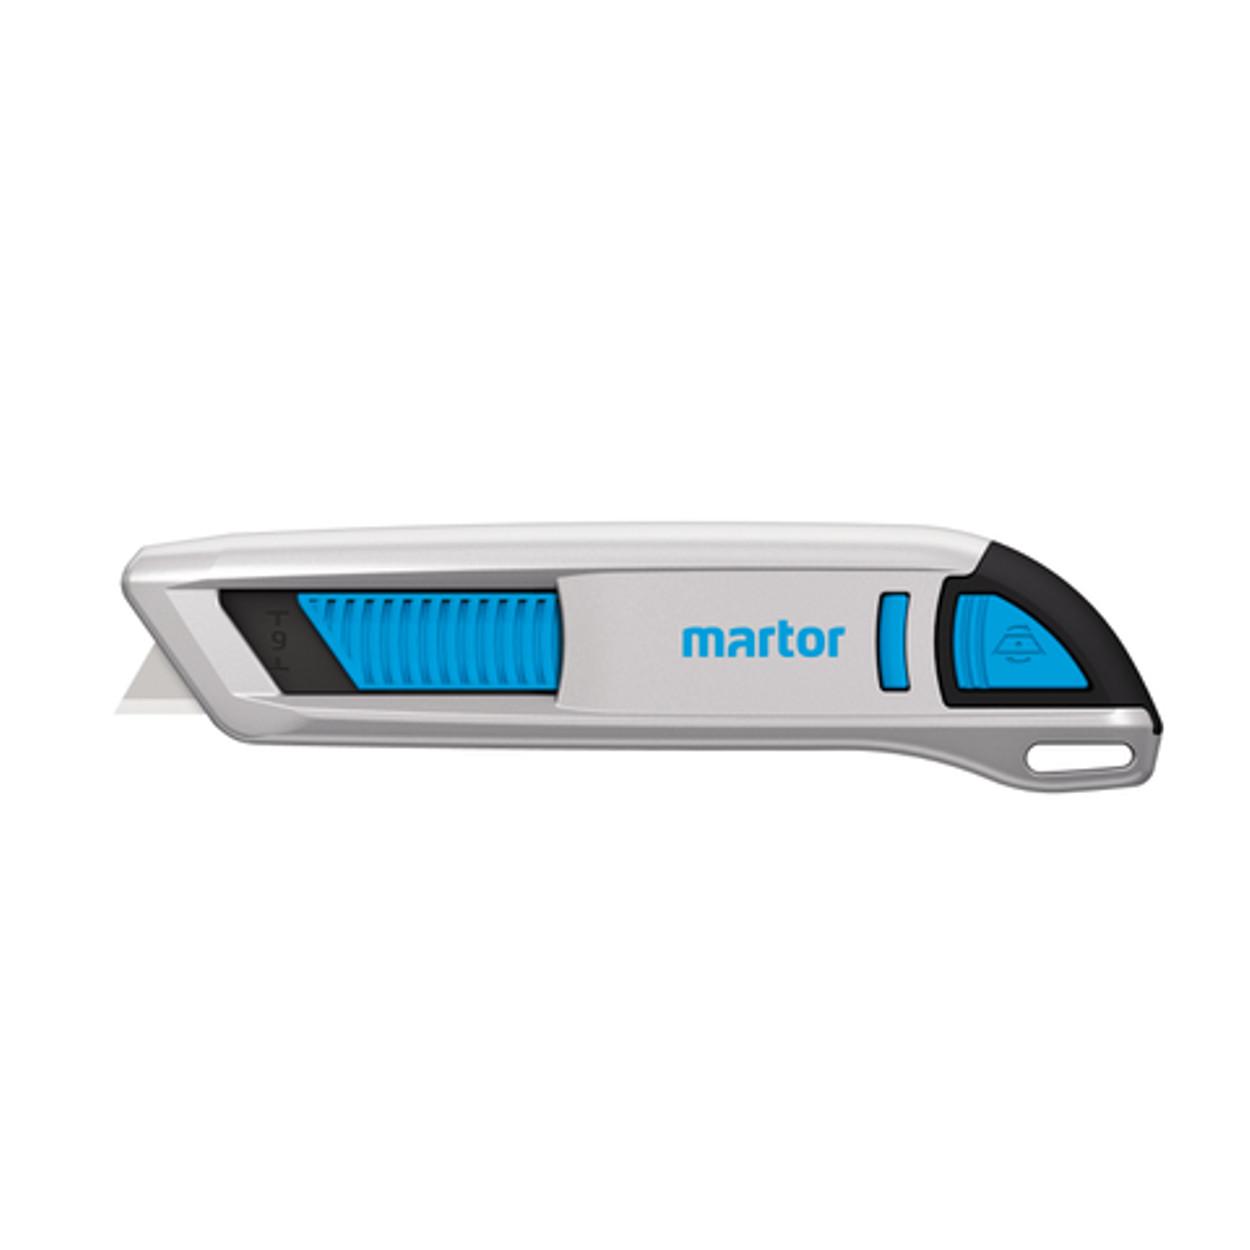 SECUNORM 500 - wysuwany, bezpieczny nóż o średniej głębokości cięcia